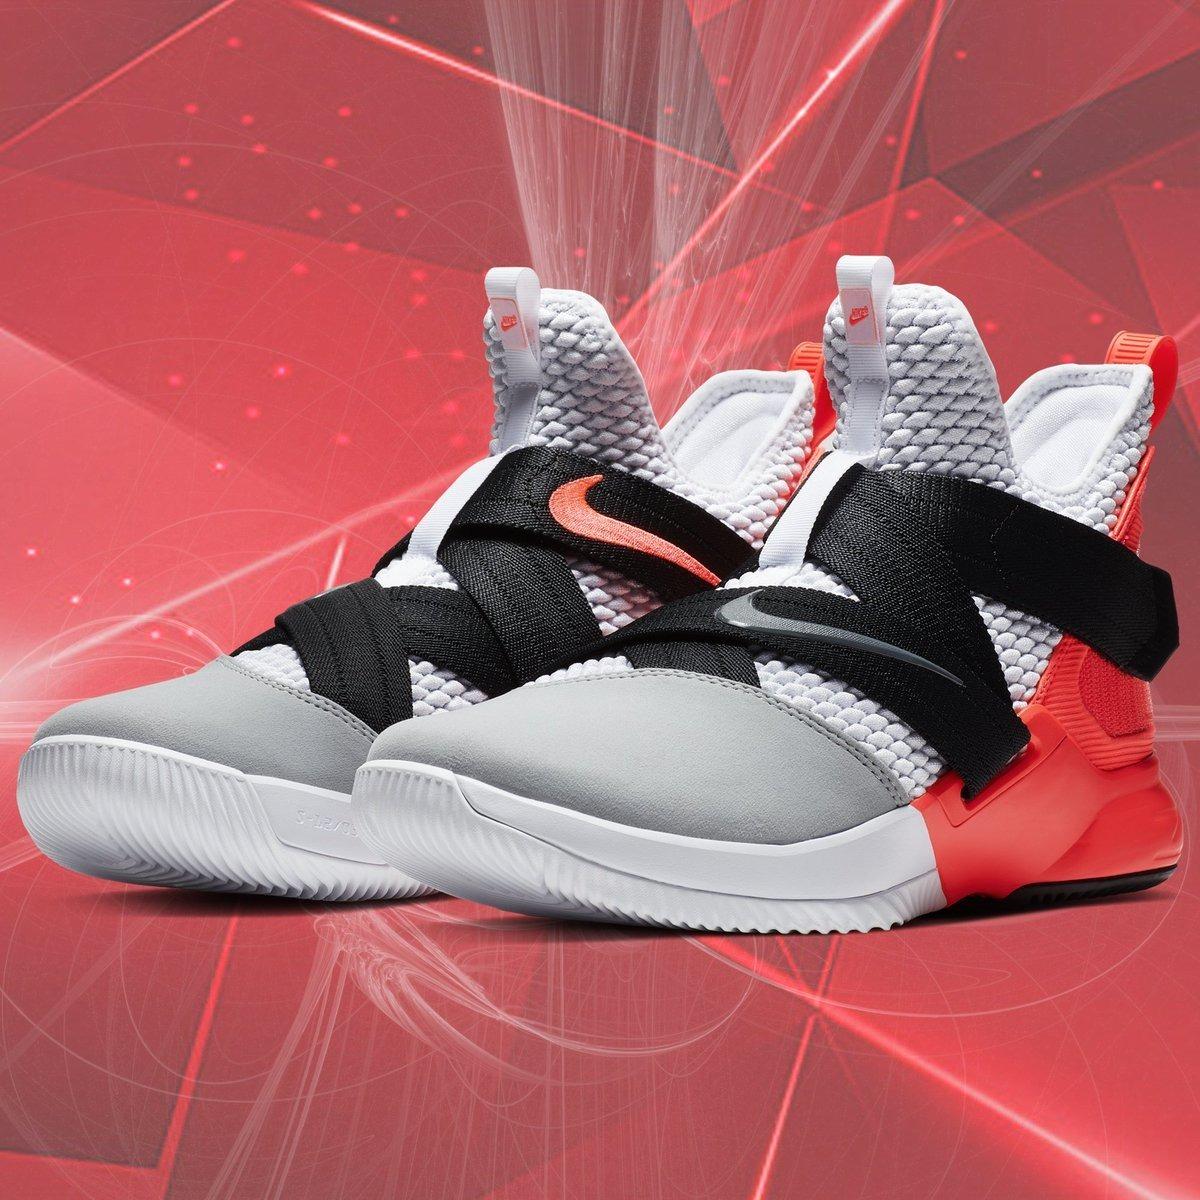 46eaacc6 Tenis Nike Lebron James Soldier Xii Sfg #8 Original - $ 2,699.00 en ...